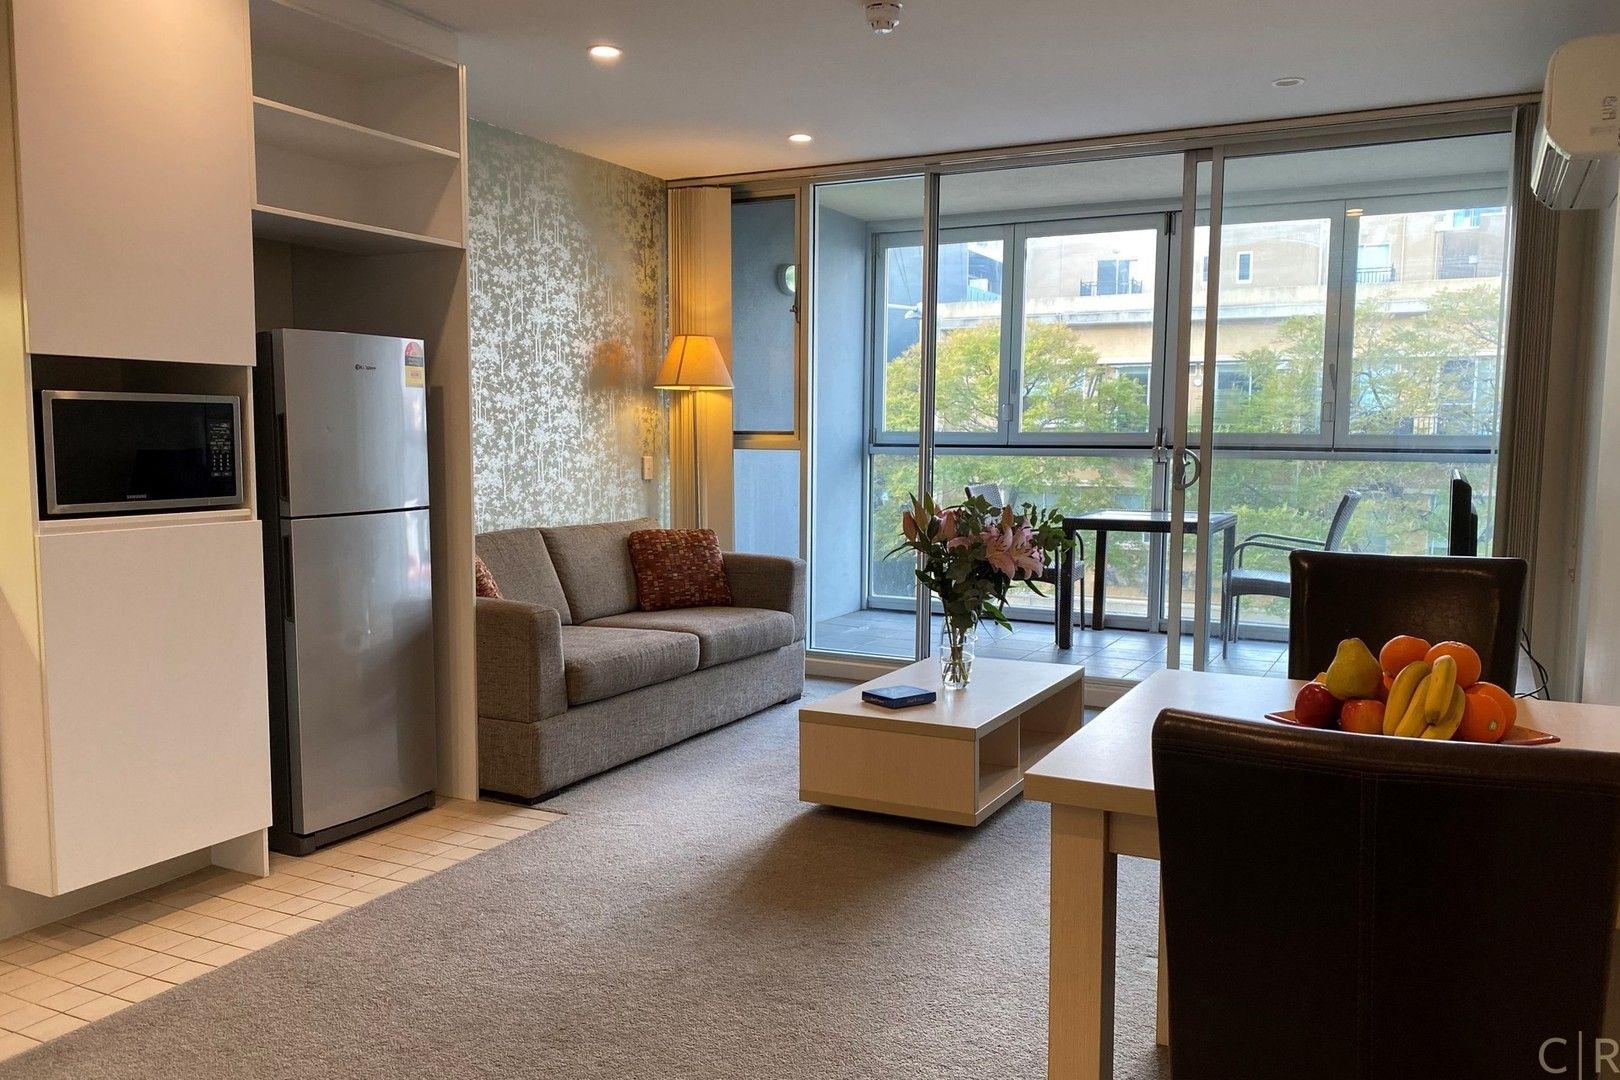 1 bedrooms Apartment / Unit / Flat in 317/185 Morphett Street ADELAIDE SA, 5000